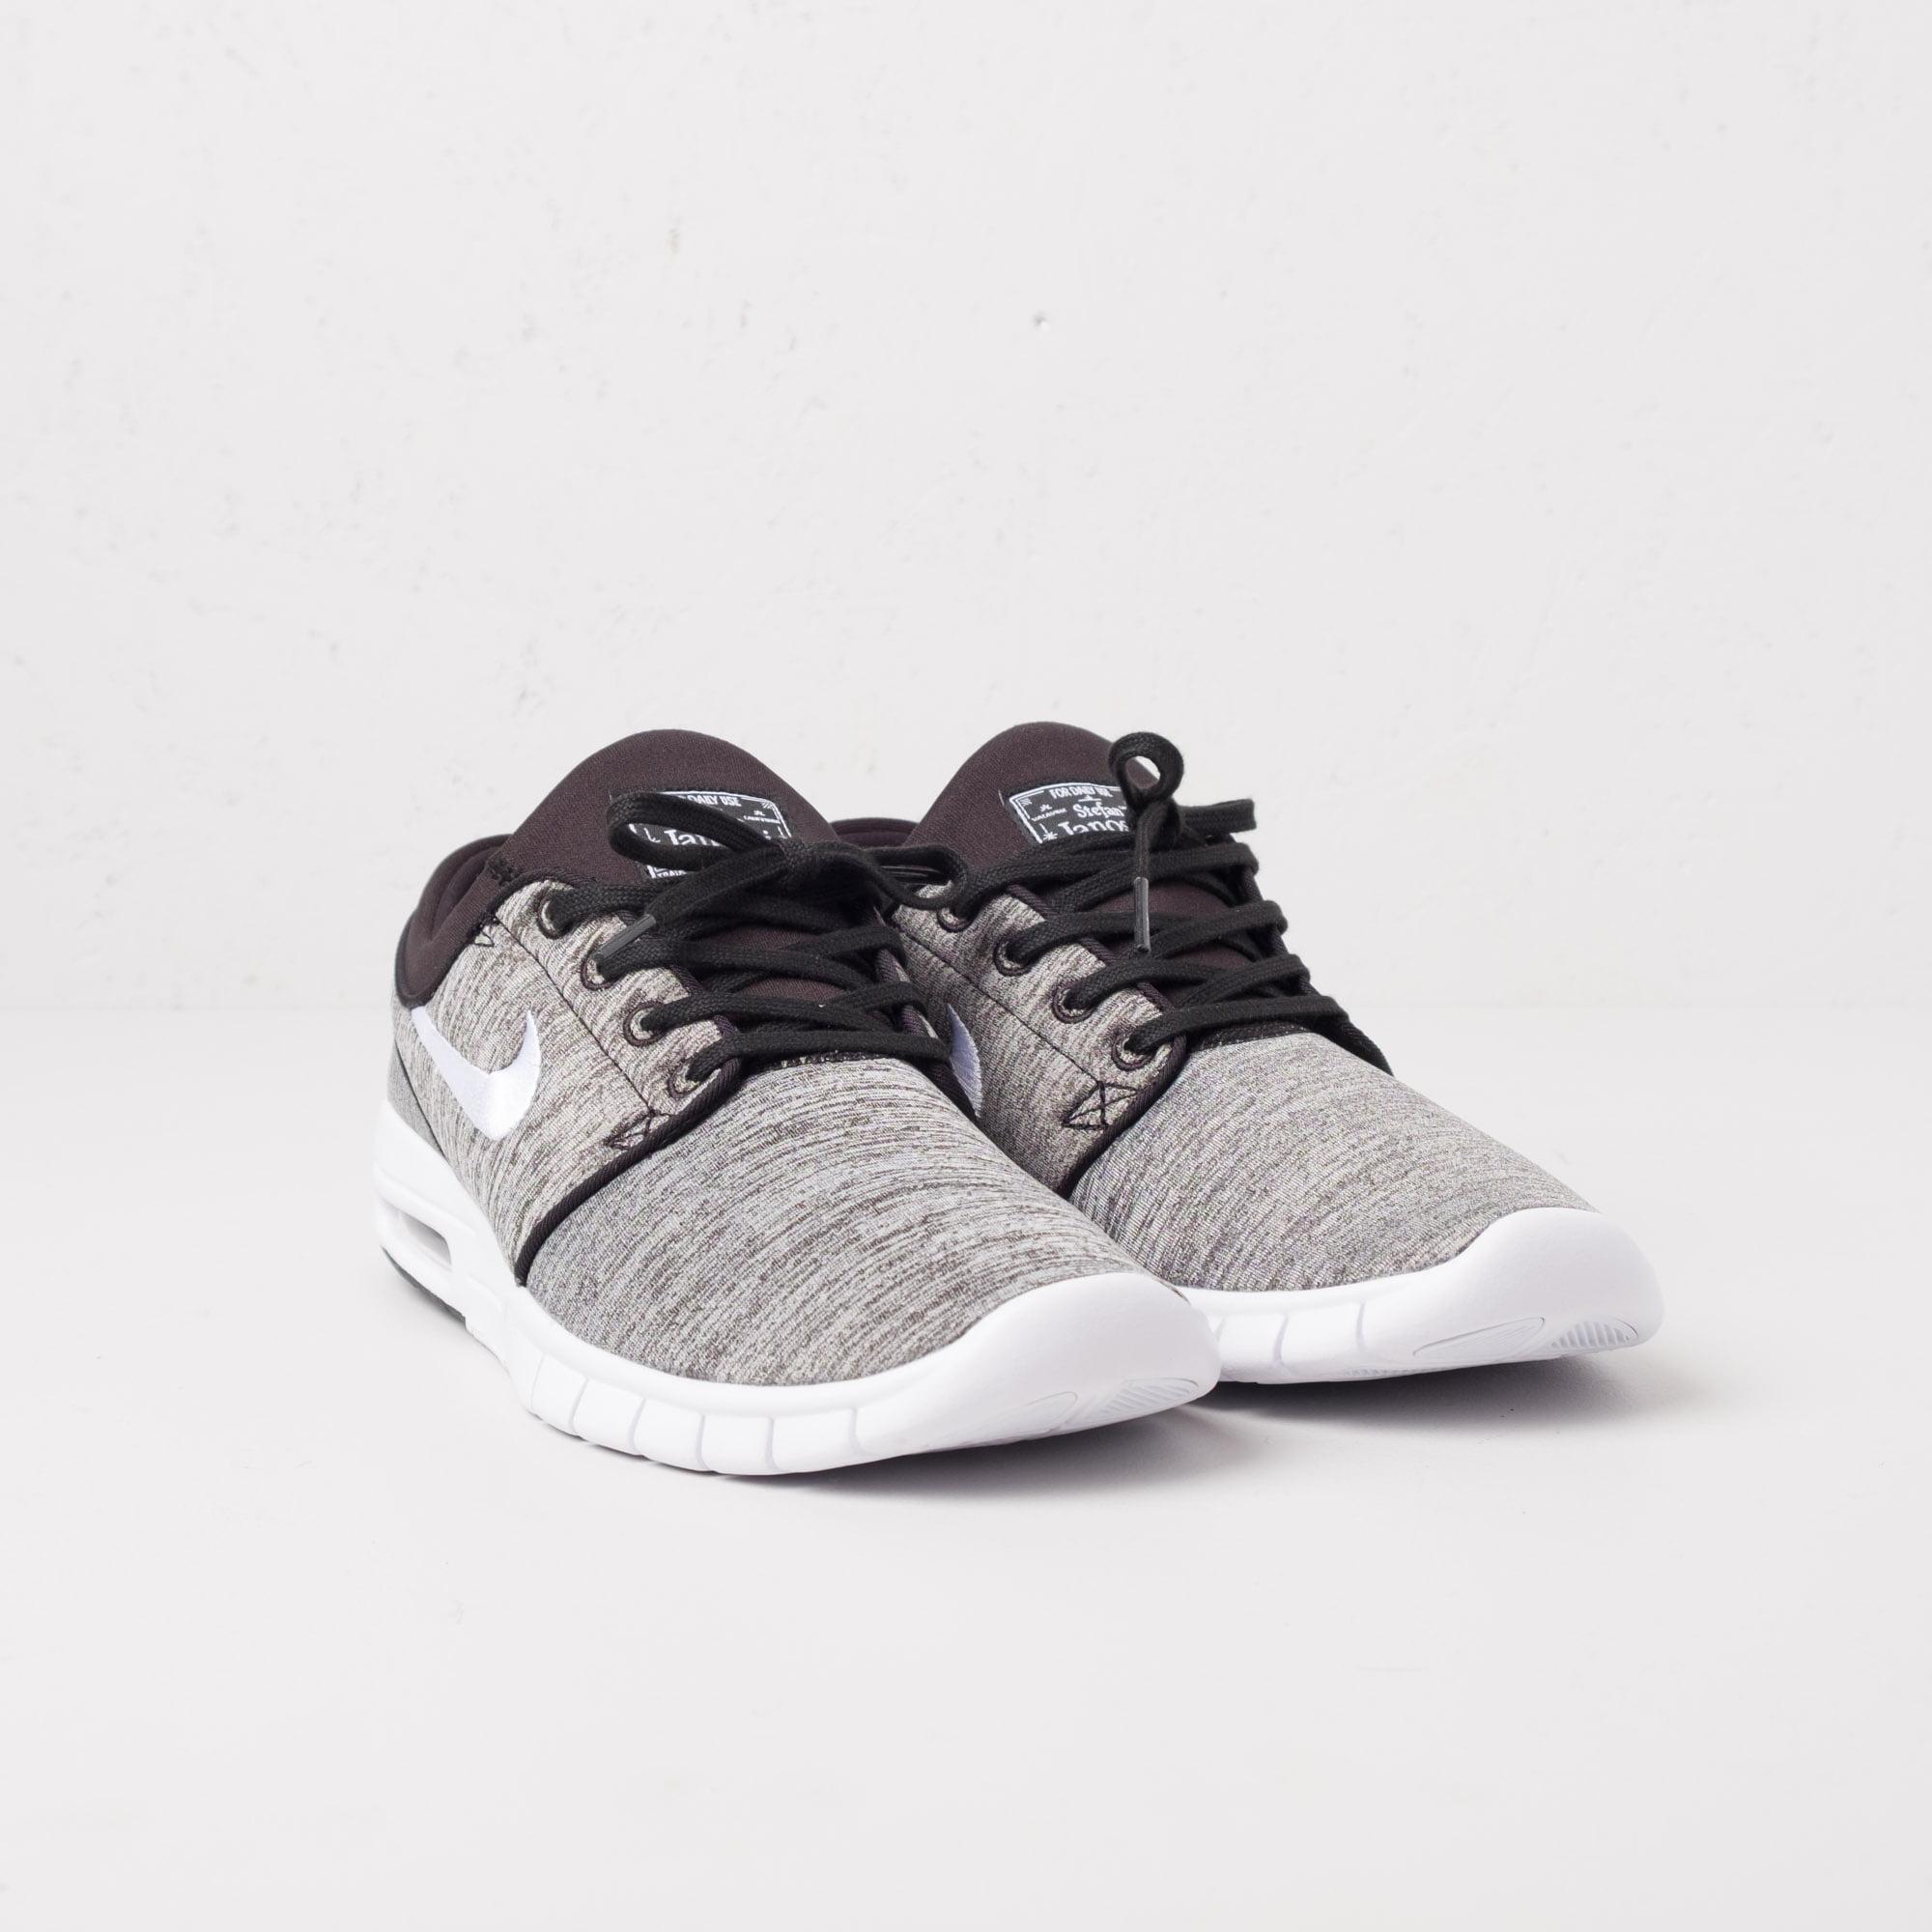 Nike SB | Stefan Janoski Max | BlackWhite hos » INLANDET.se